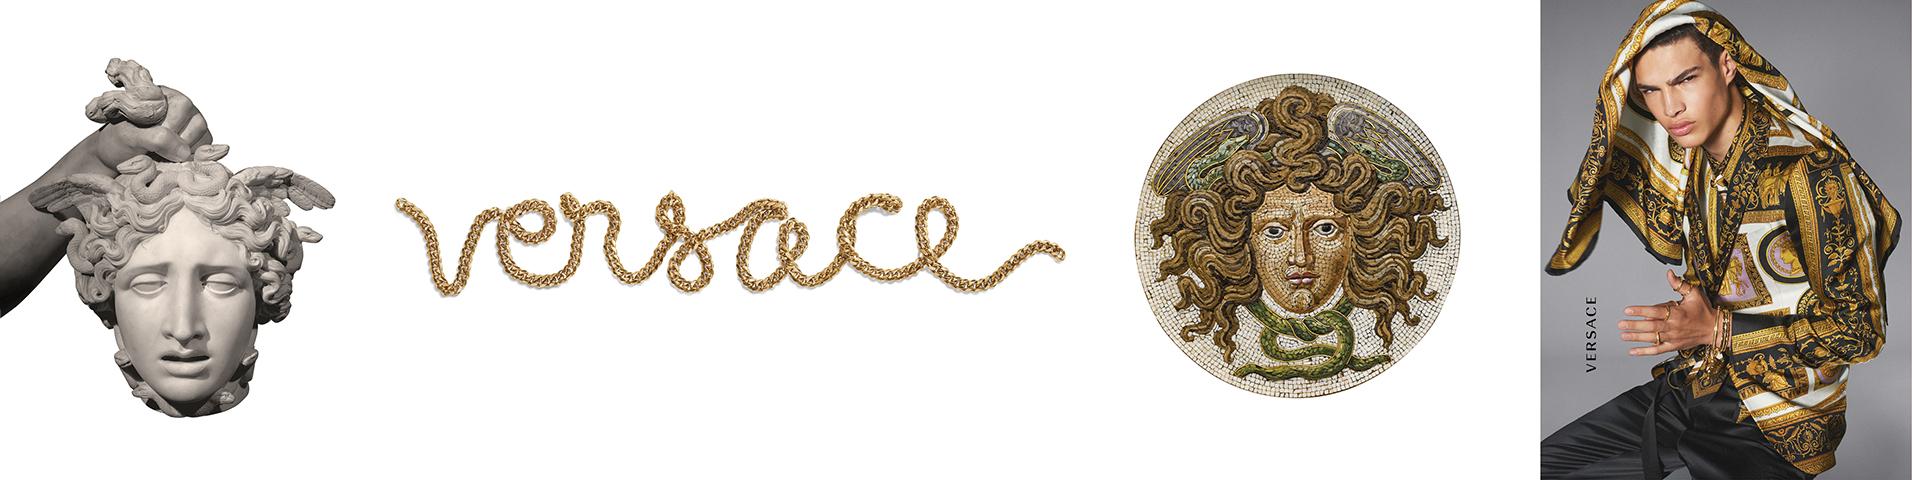 3fb188c7e3af Vêtements homme Versace en ligne   Commandez dès maintenant sur Zalando